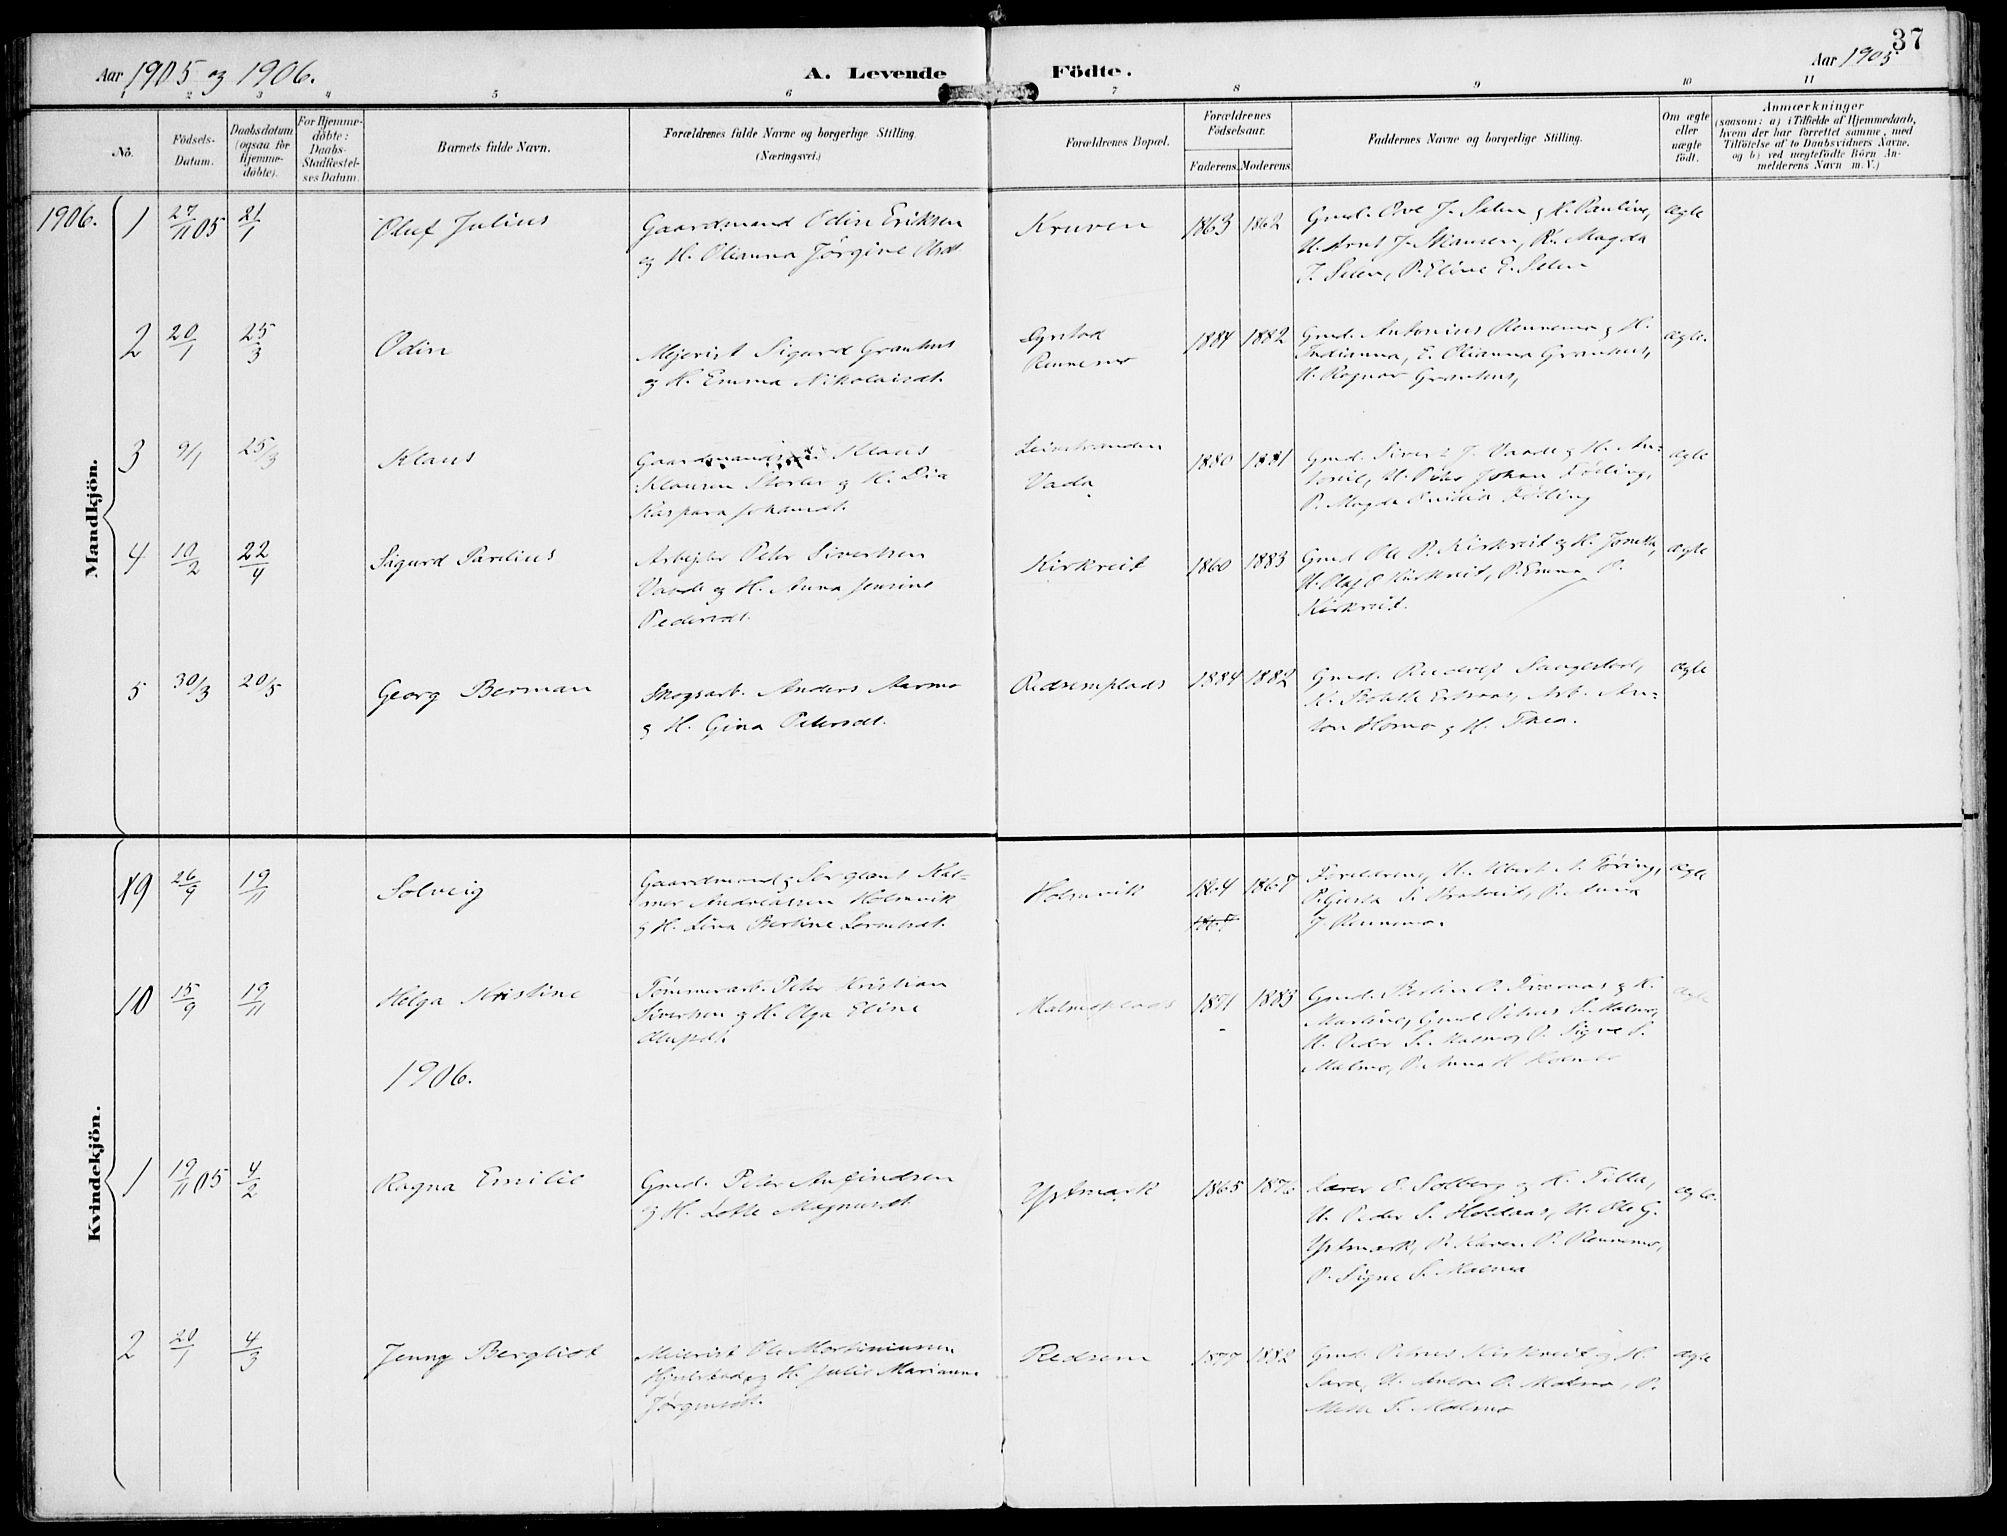 SAT, Ministerialprotokoller, klokkerbøker og fødselsregistre - Nord-Trøndelag, 745/L0430: Ministerialbok nr. 745A02, 1895-1913, s. 37